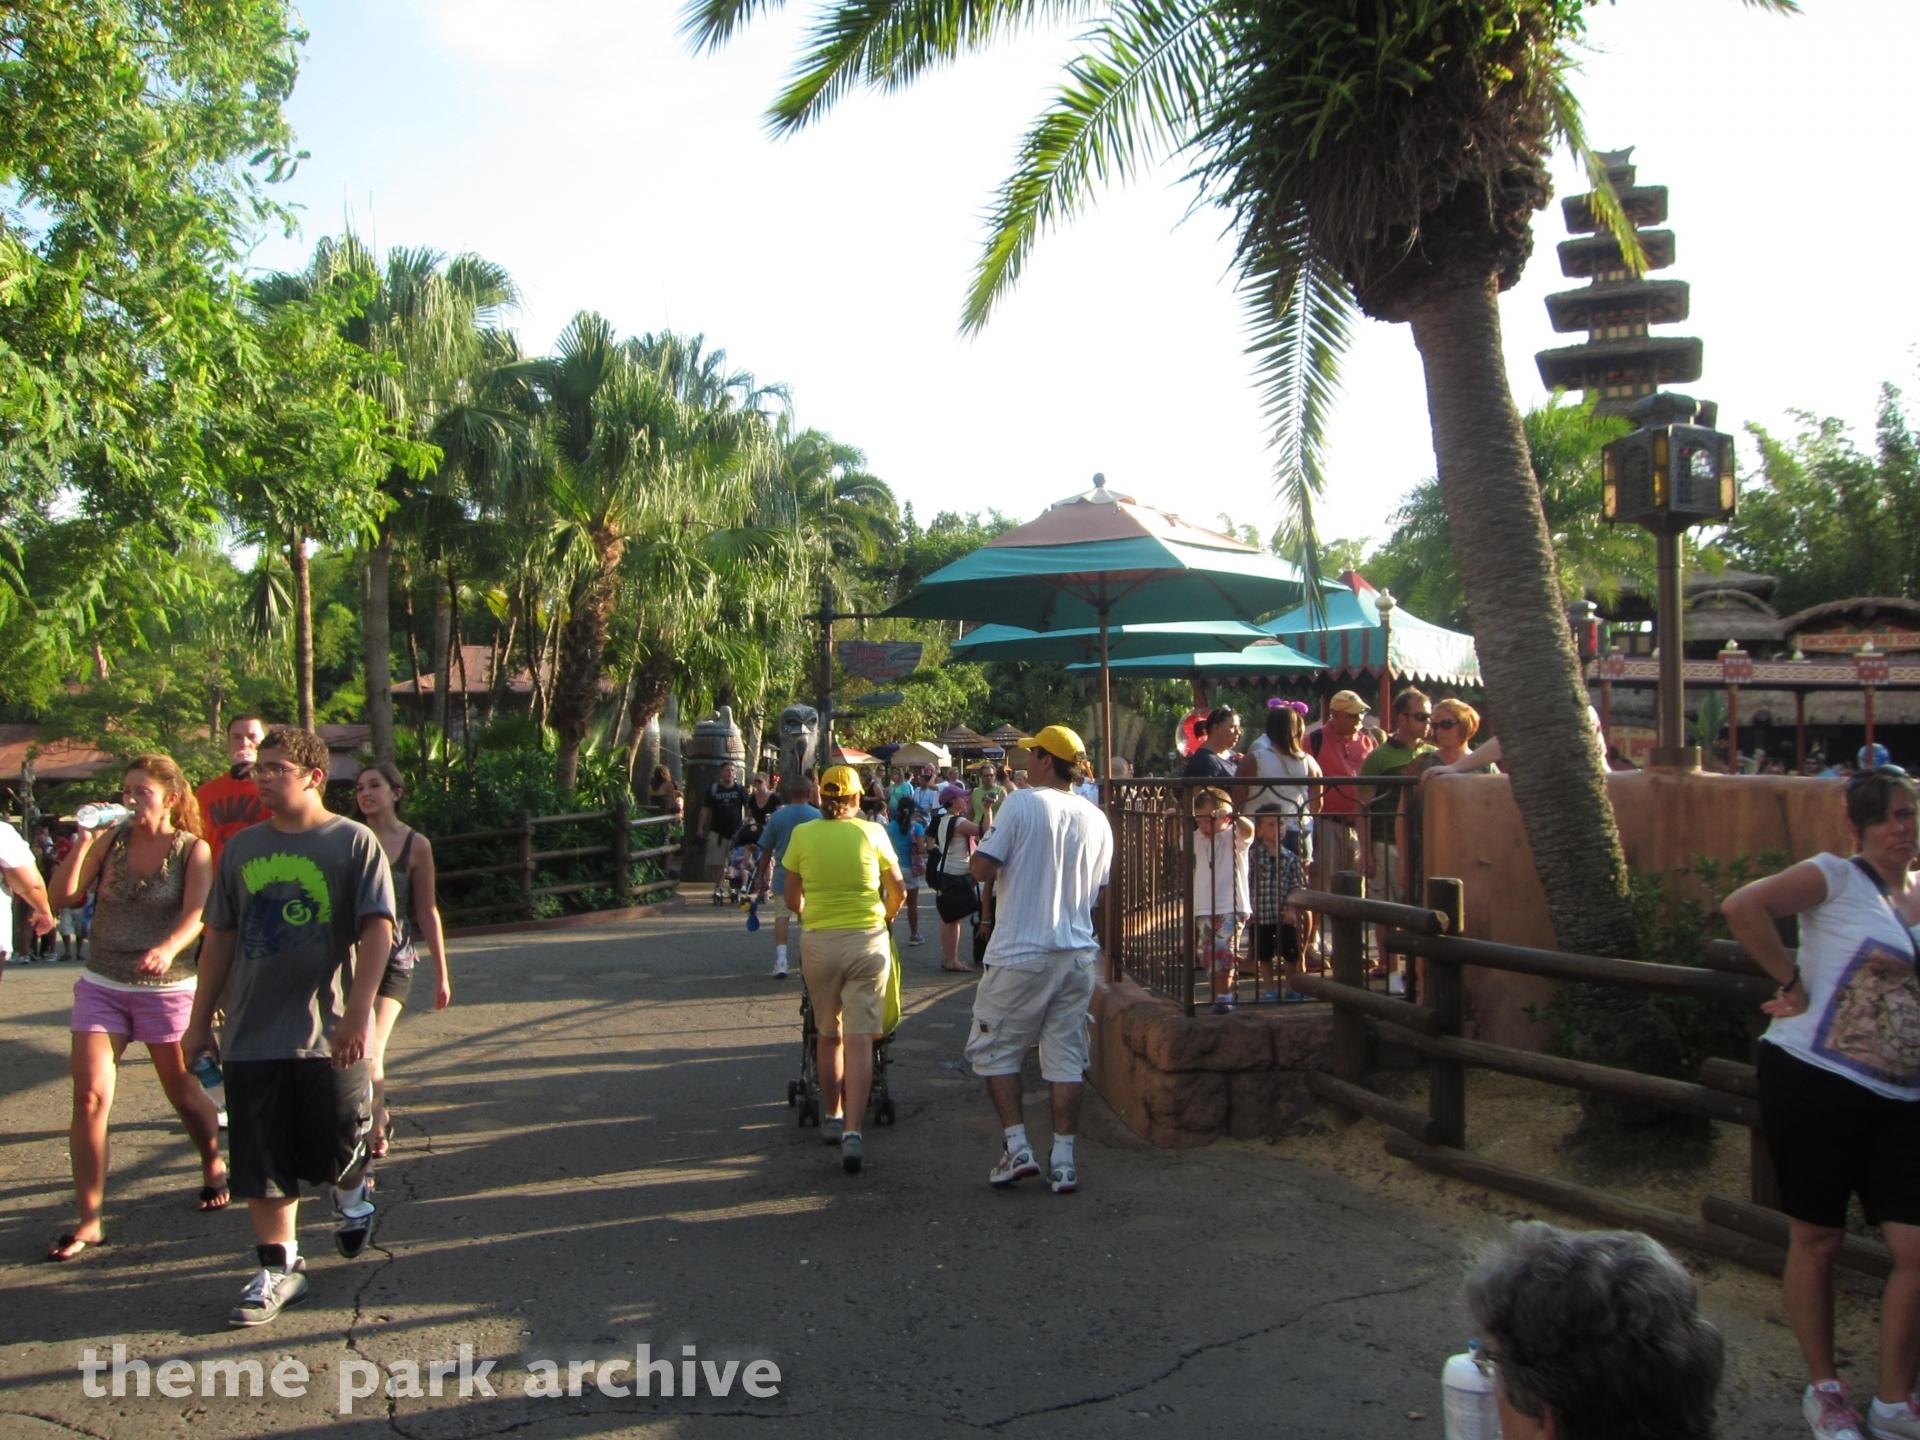 Adventureland at Magic Kingdom